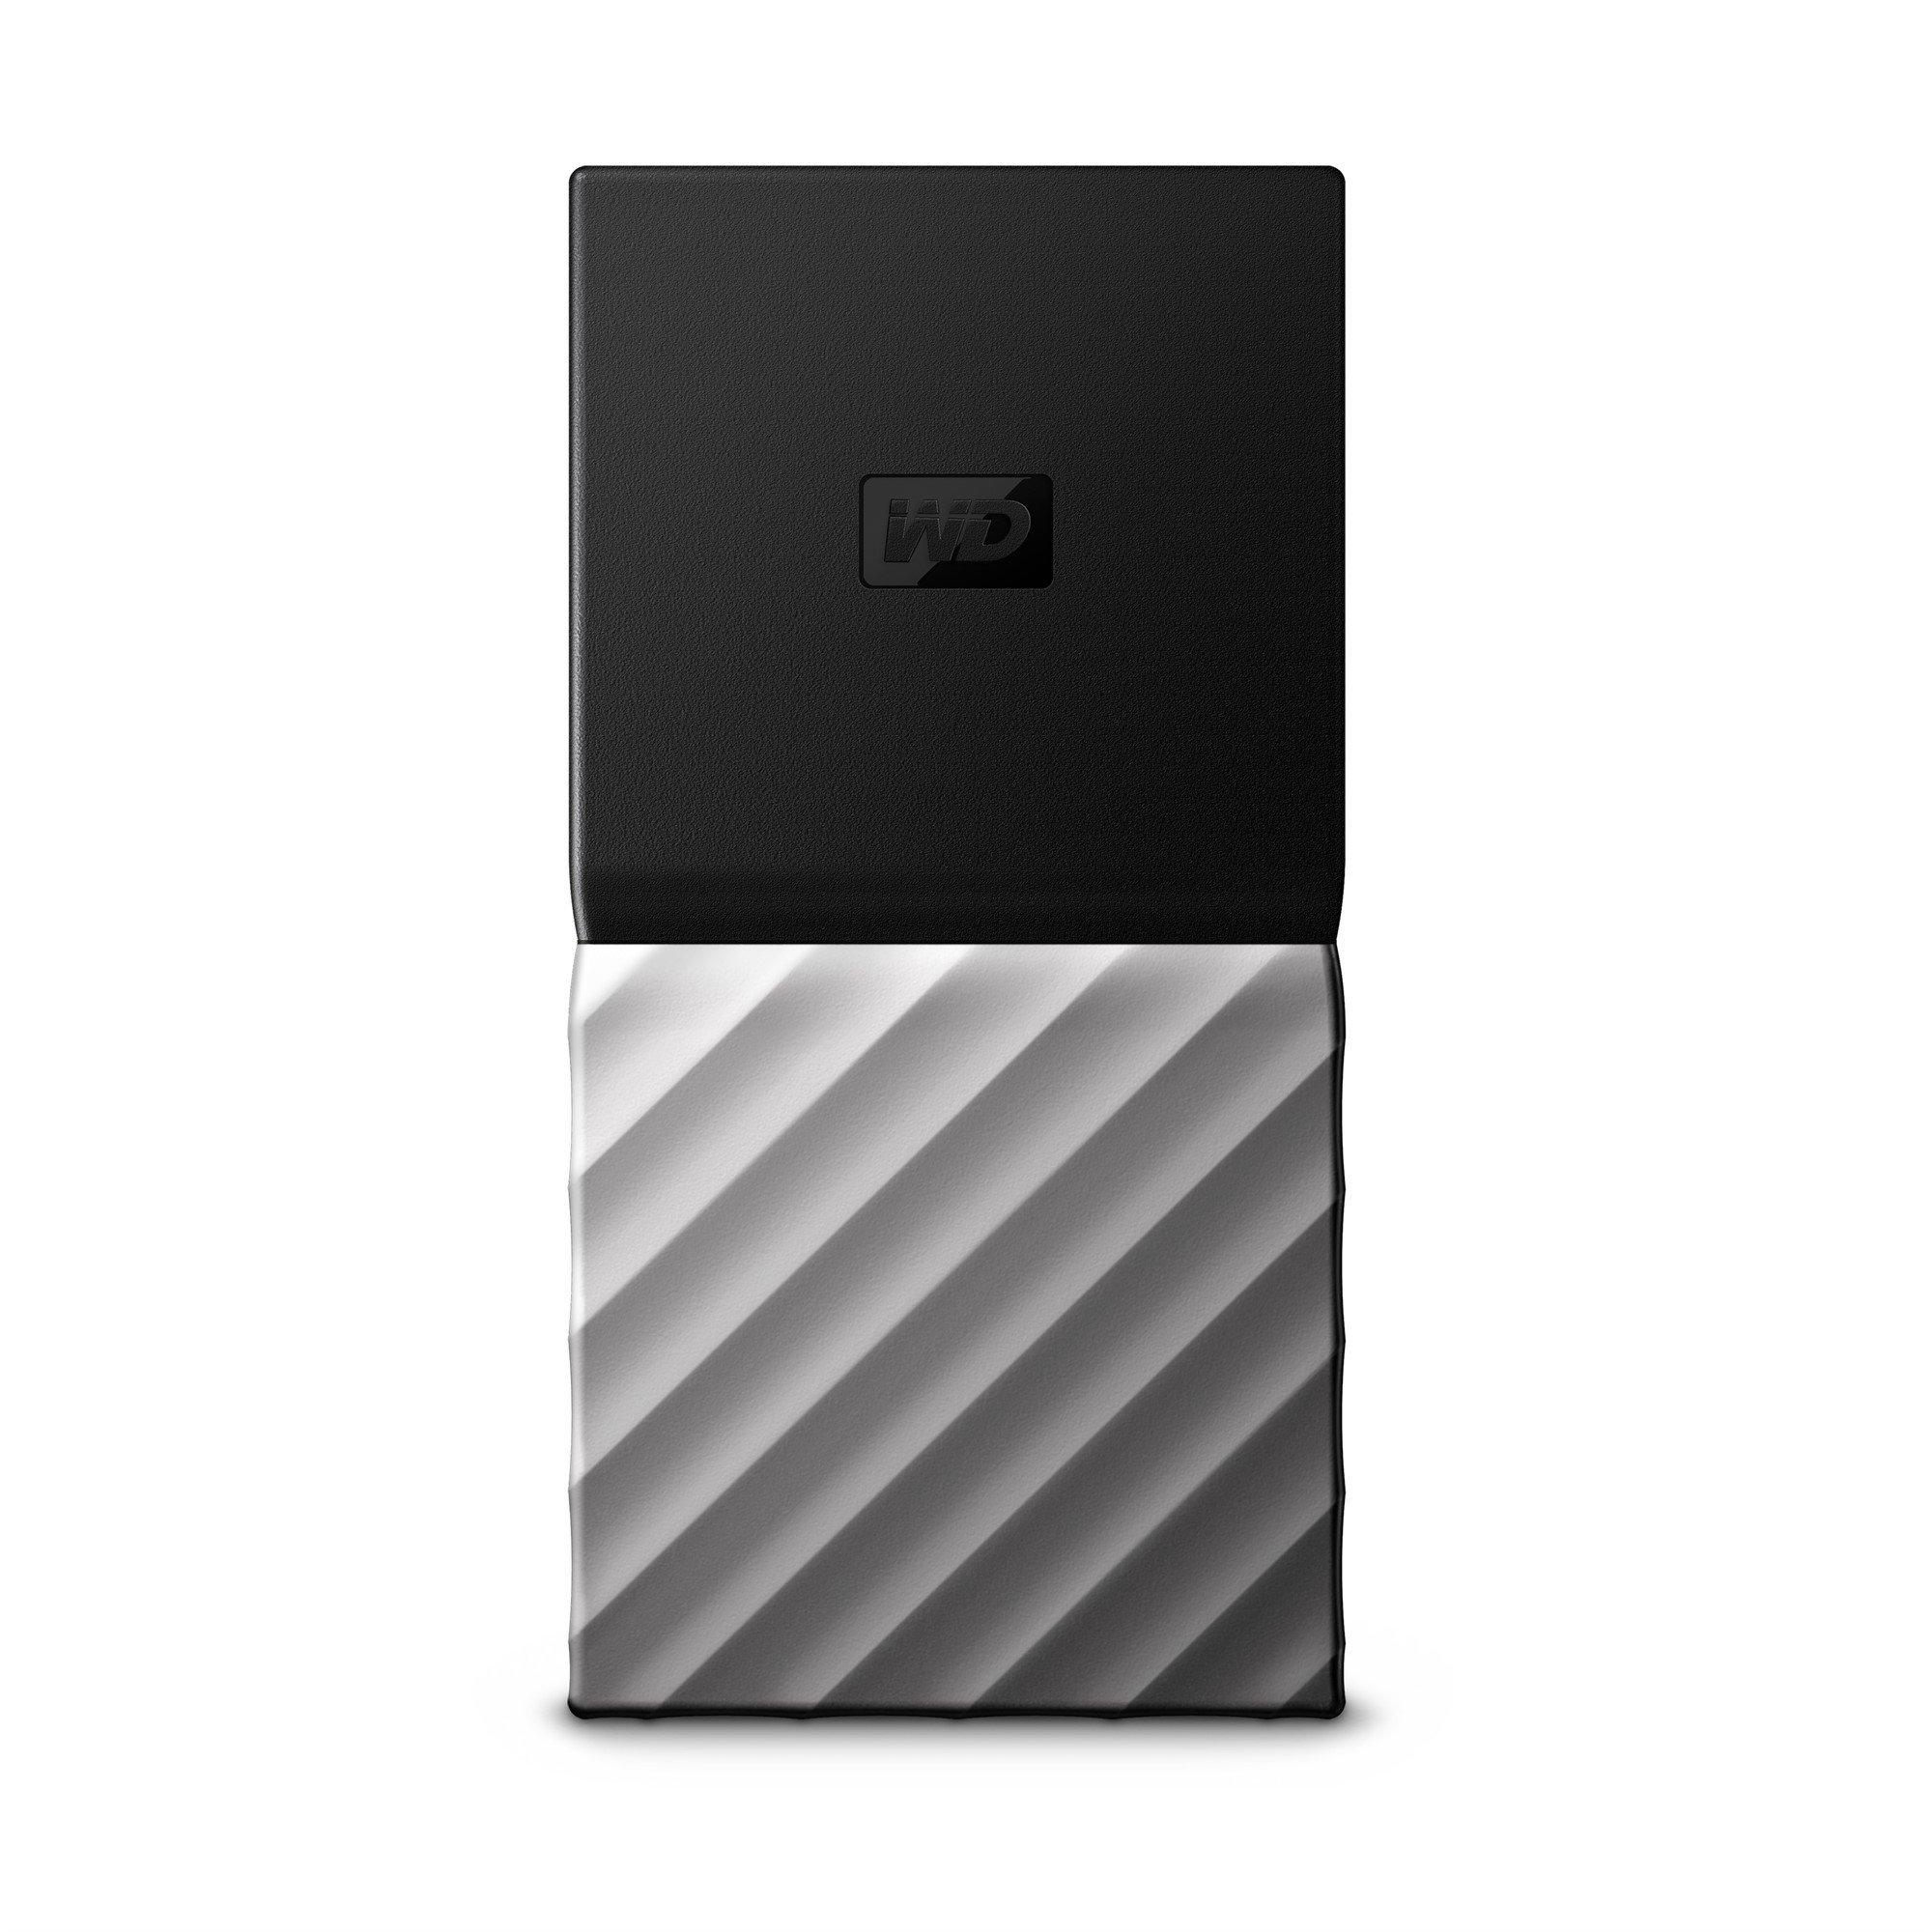 WD 1TB My Passport SSD Portable Storage - USB 3.1 - Black-Gray - WDBK3E0010PSL-WESN by Western Digital